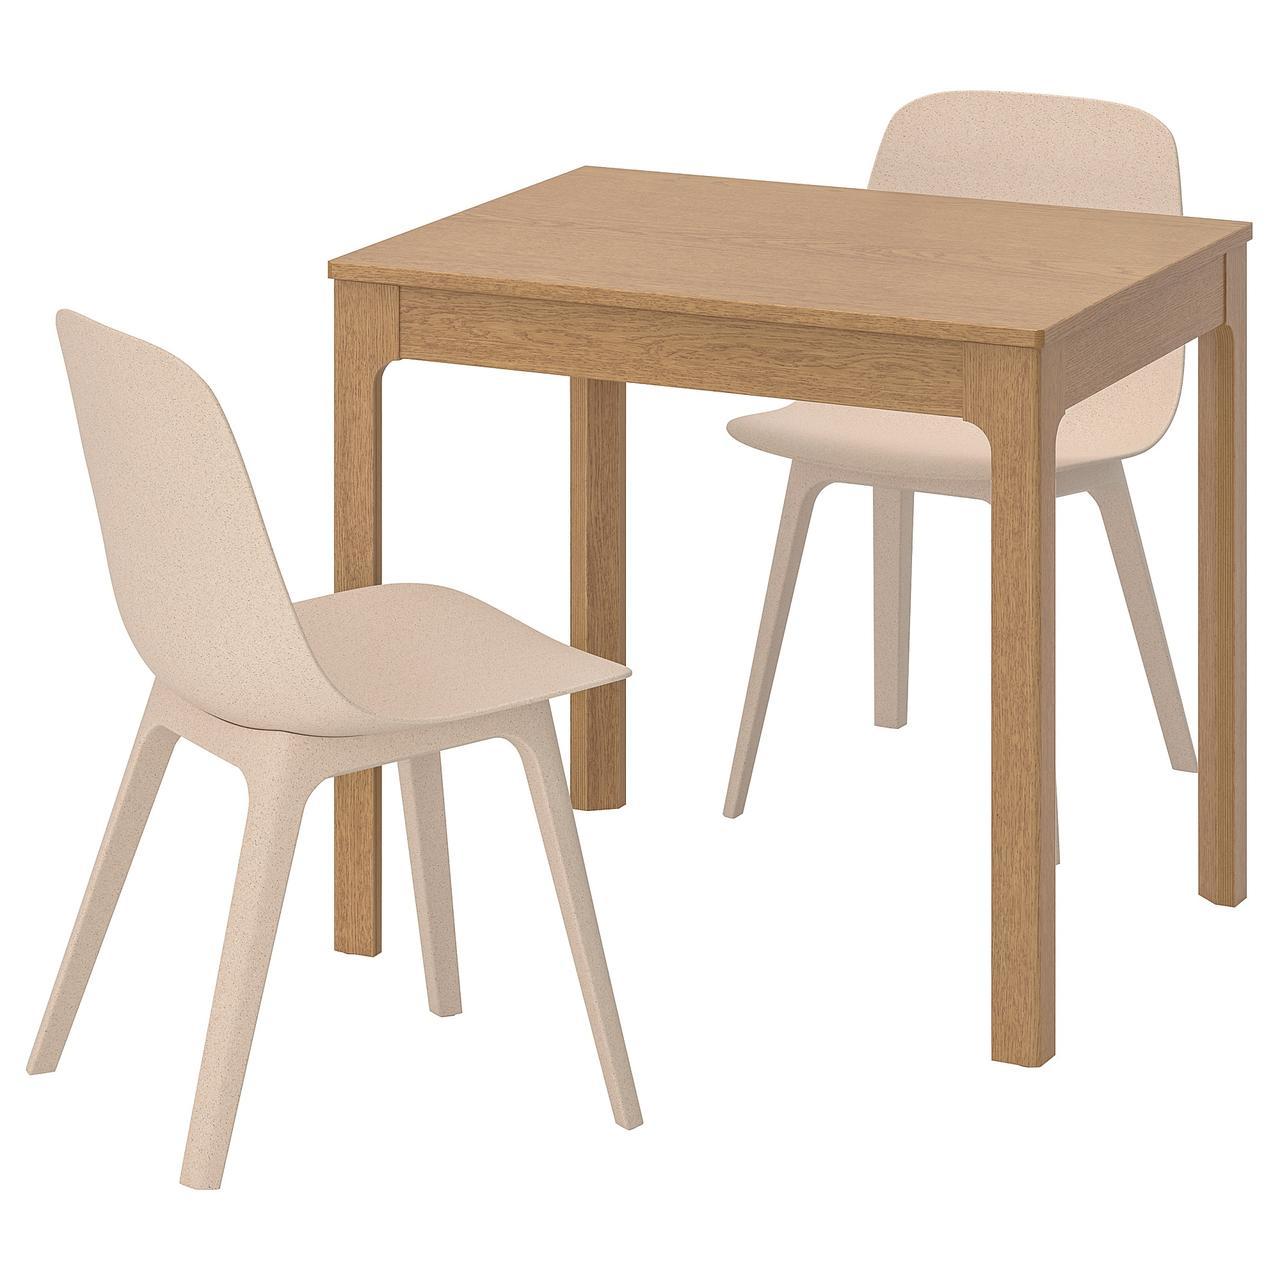 ЭКЕДАЛЕН / ОДГЕР Стол и 2 стула, дуб, белый бежевый